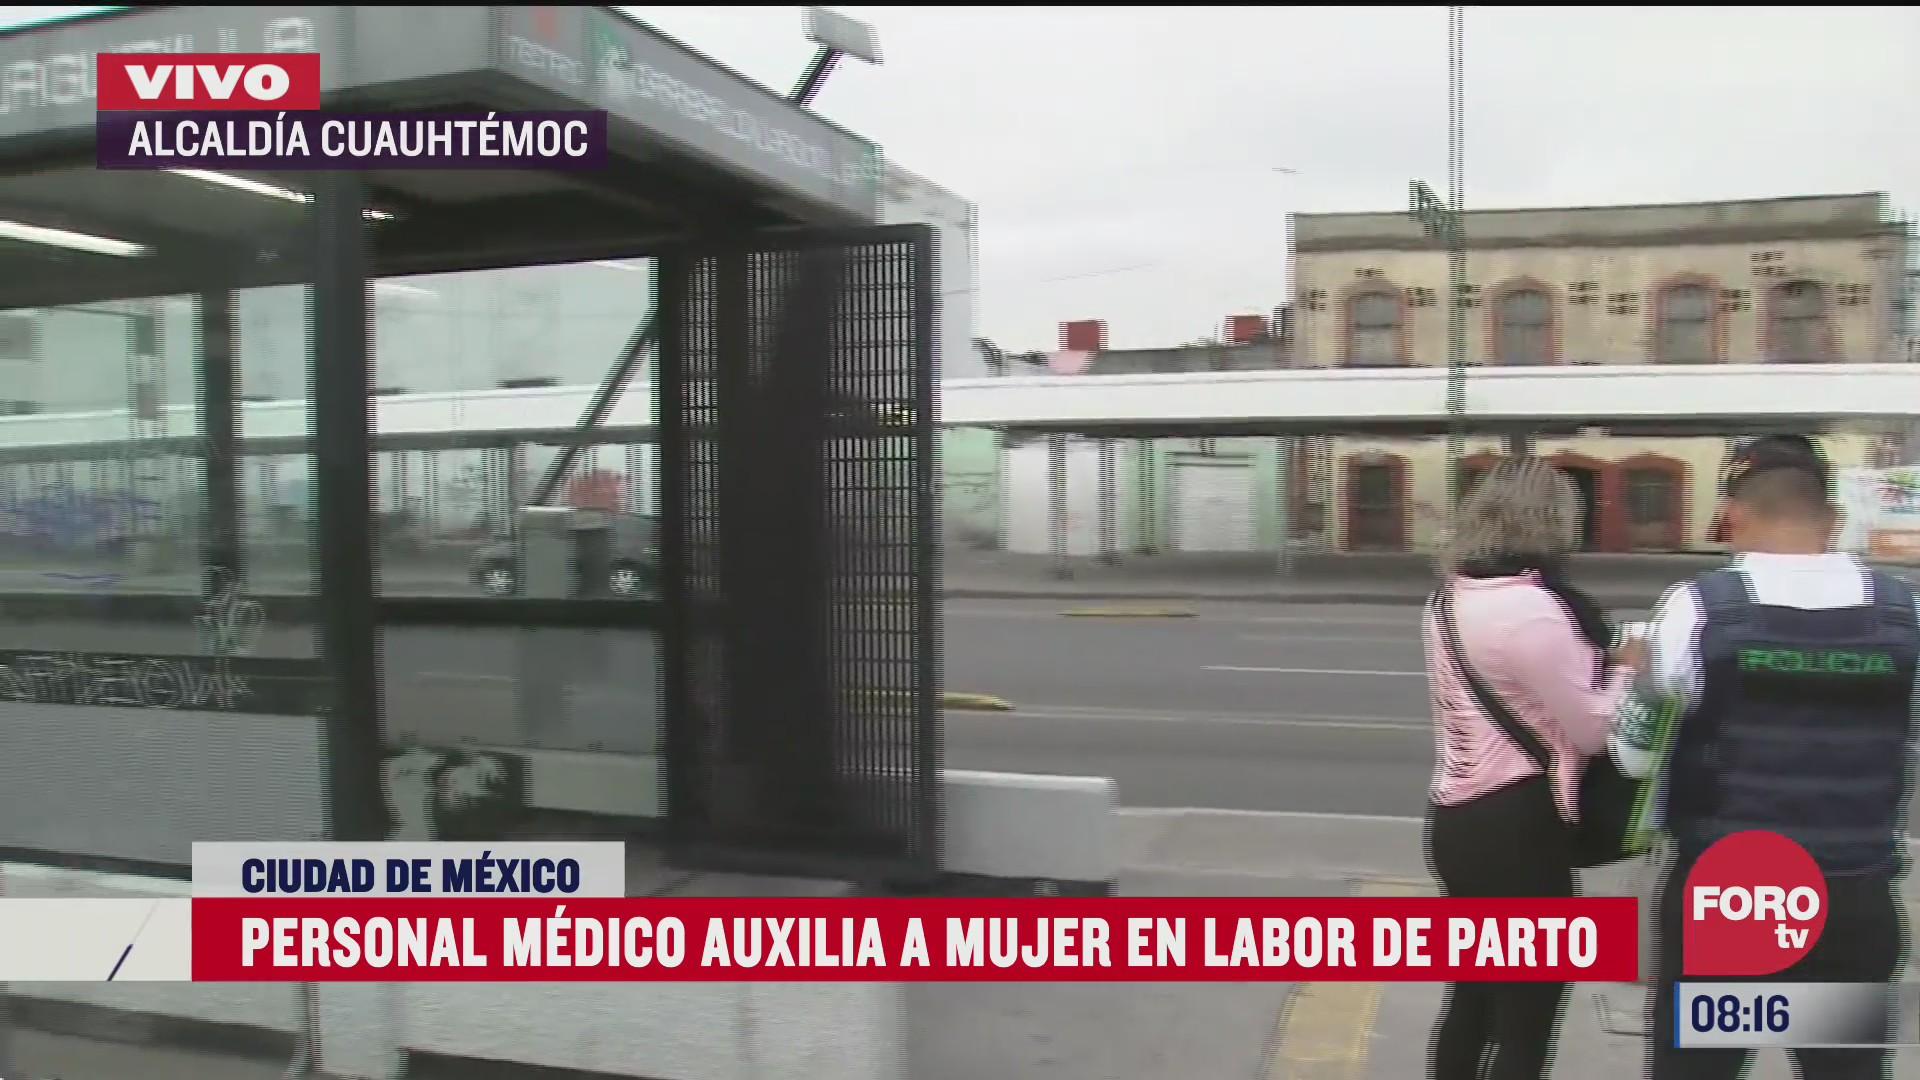 personal medico auxilia a mujer por labor de parto en el metro cdmx